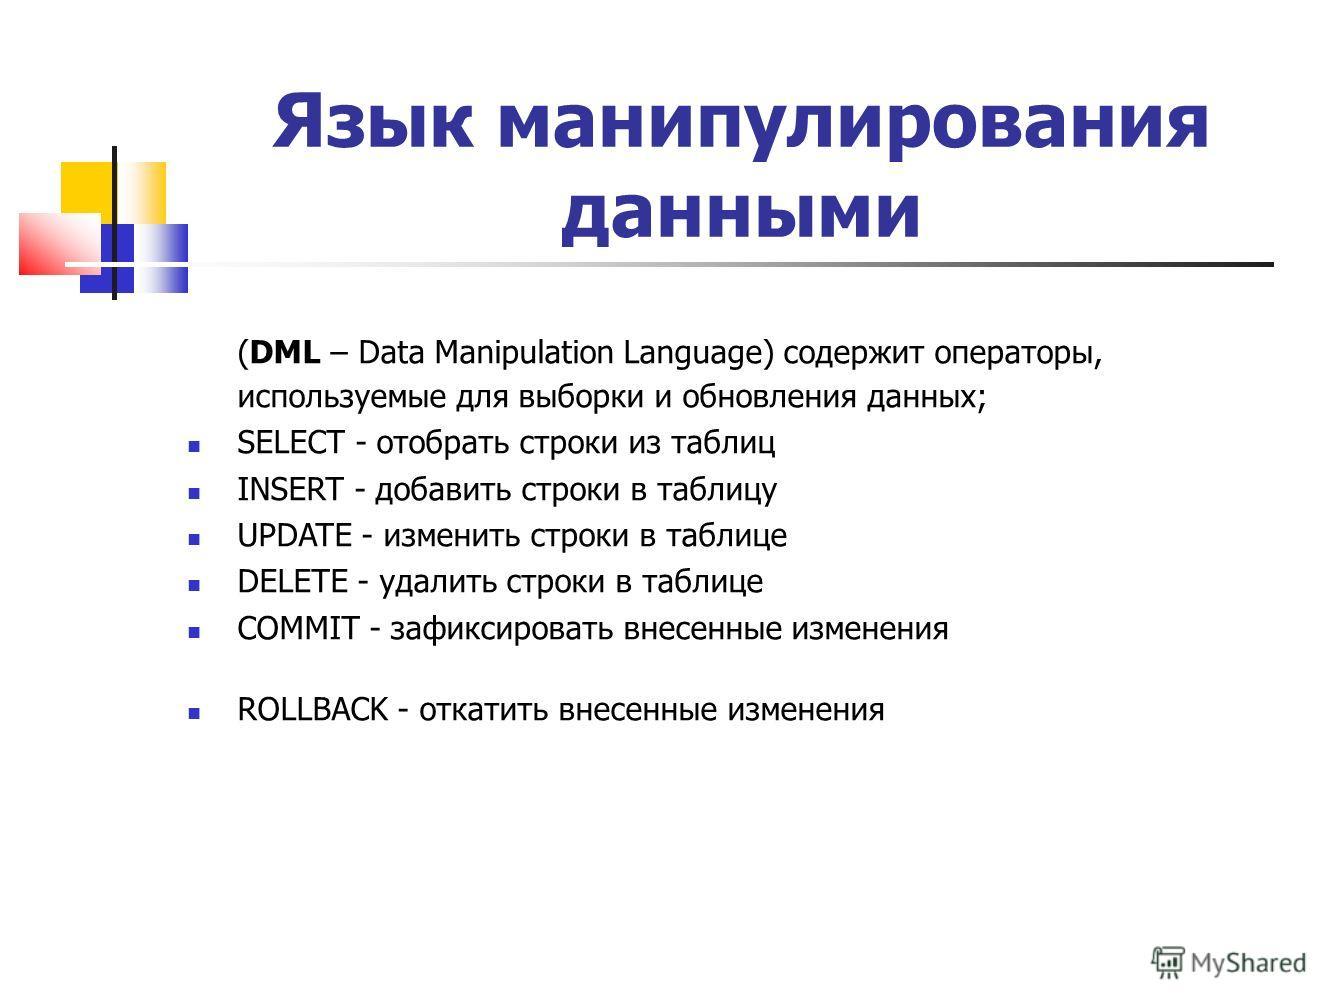 Язык манипулирования данными (DML – Data Manipulation Language) содержит операторы, используемые для выборки и обновления данных; SELECT - отобрать строки из таблиц INSERT - добавить строки в таблицу UPDATE - изменить строки в таблице DELETE - удалит